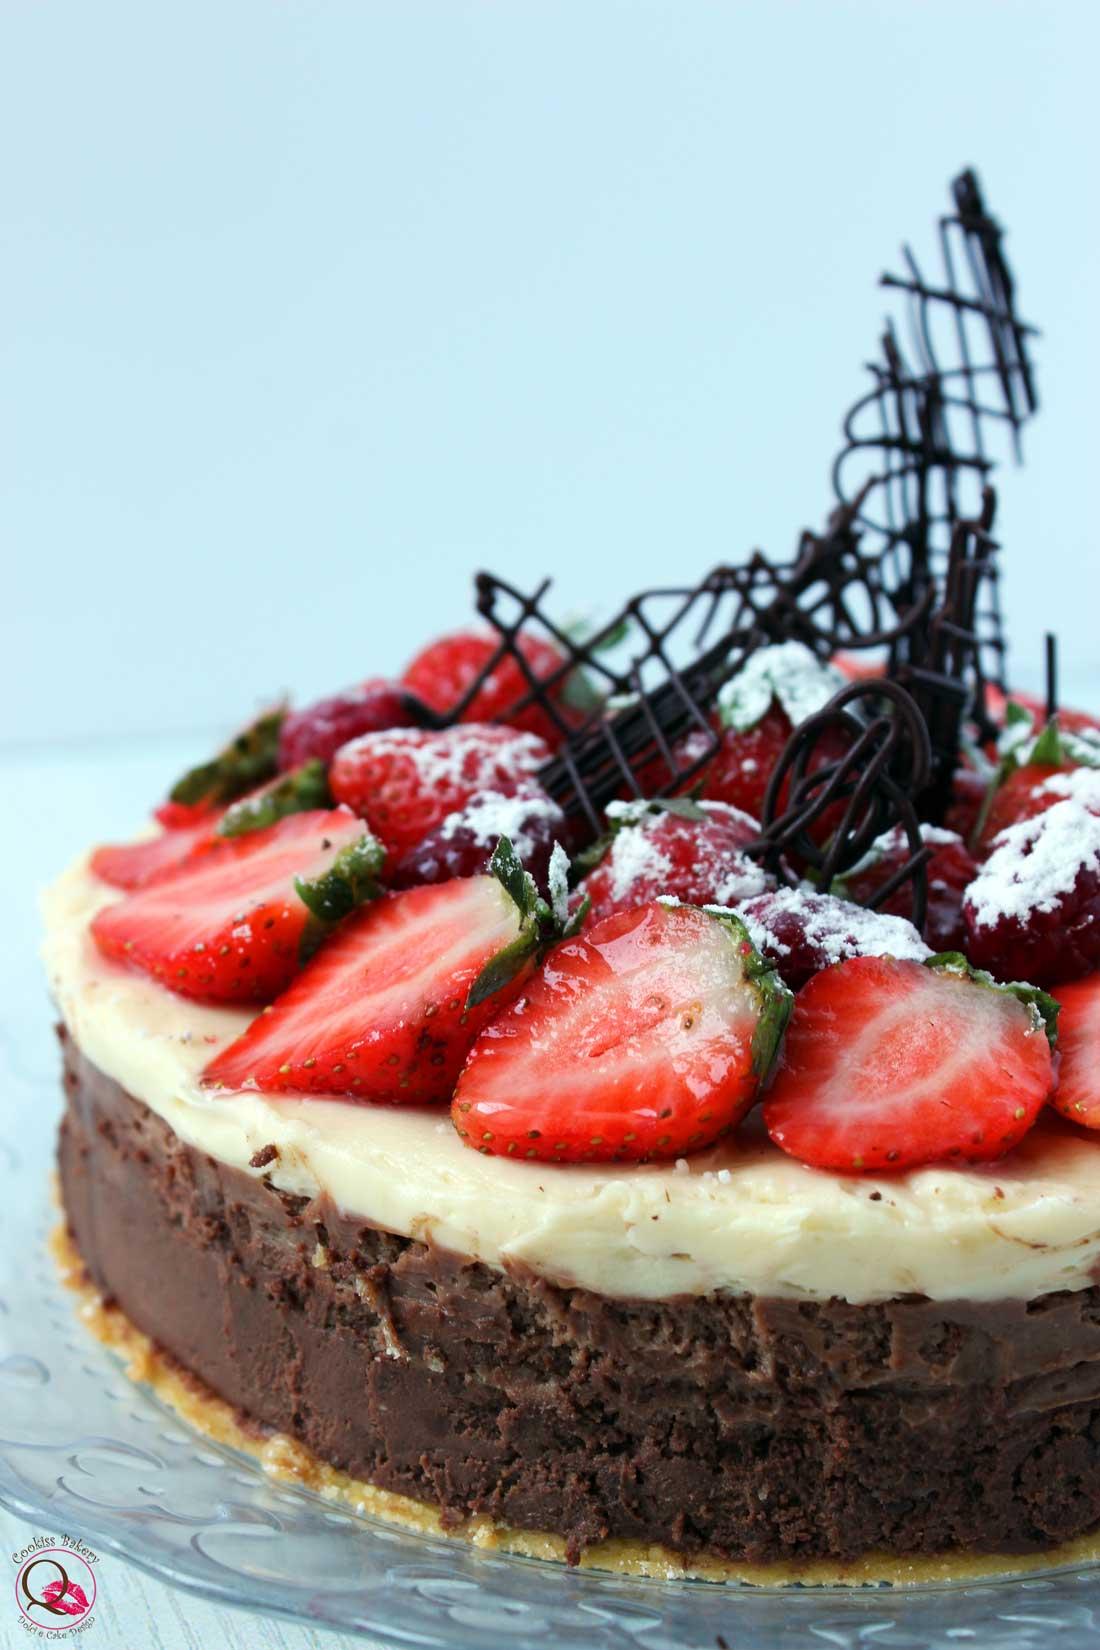 torta mousse doppio cioccolato vicino